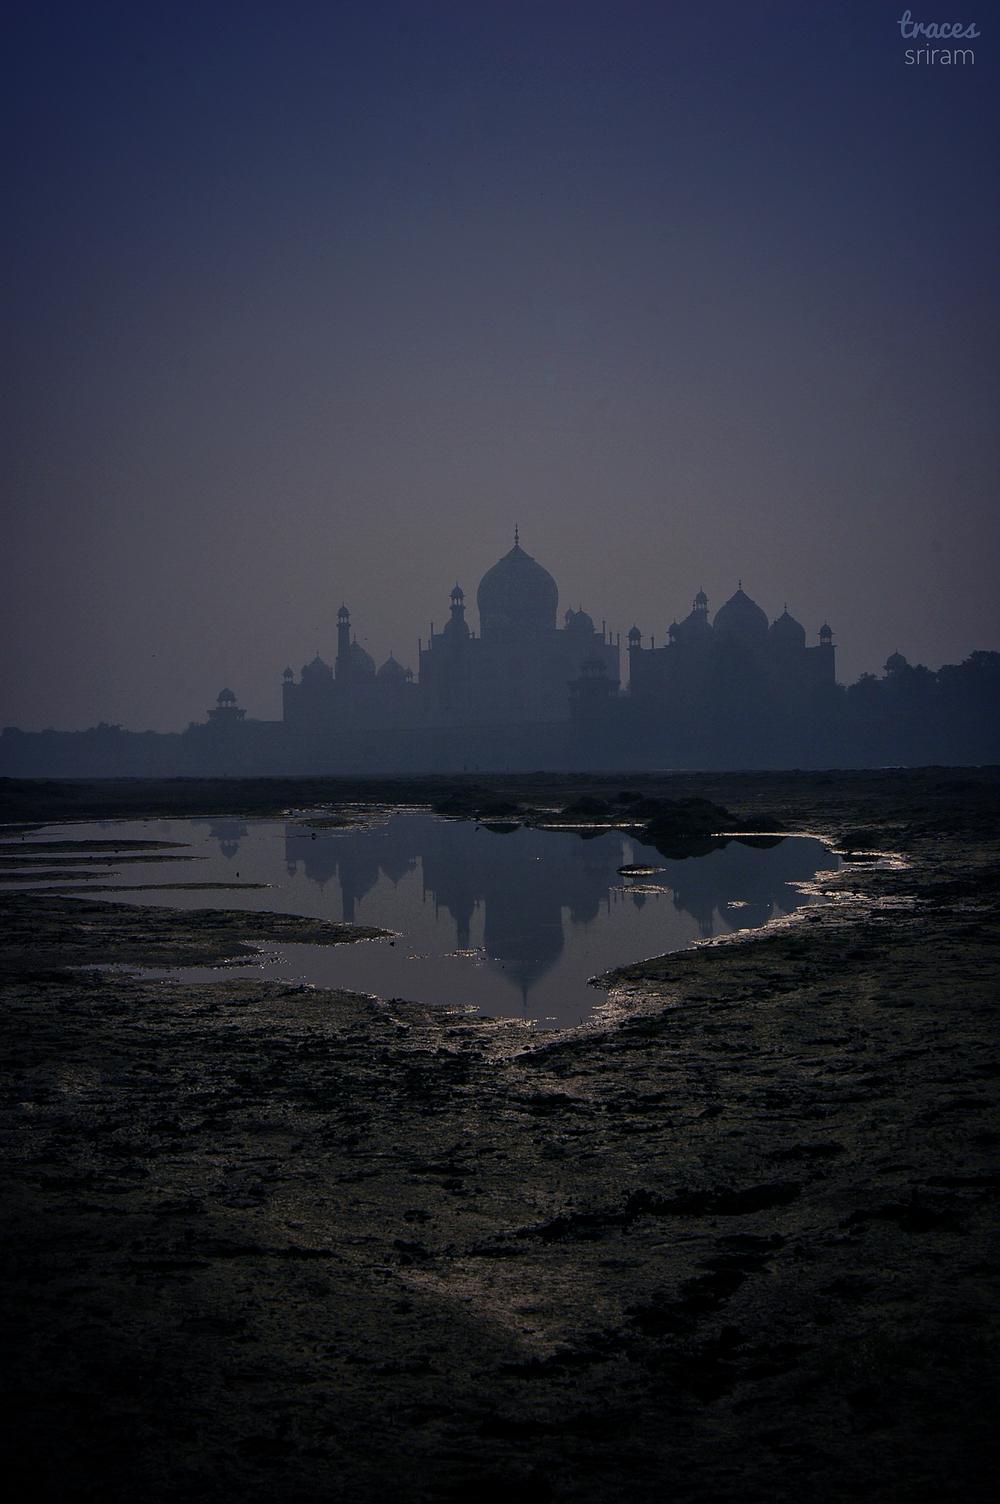 Moody morning at Agra